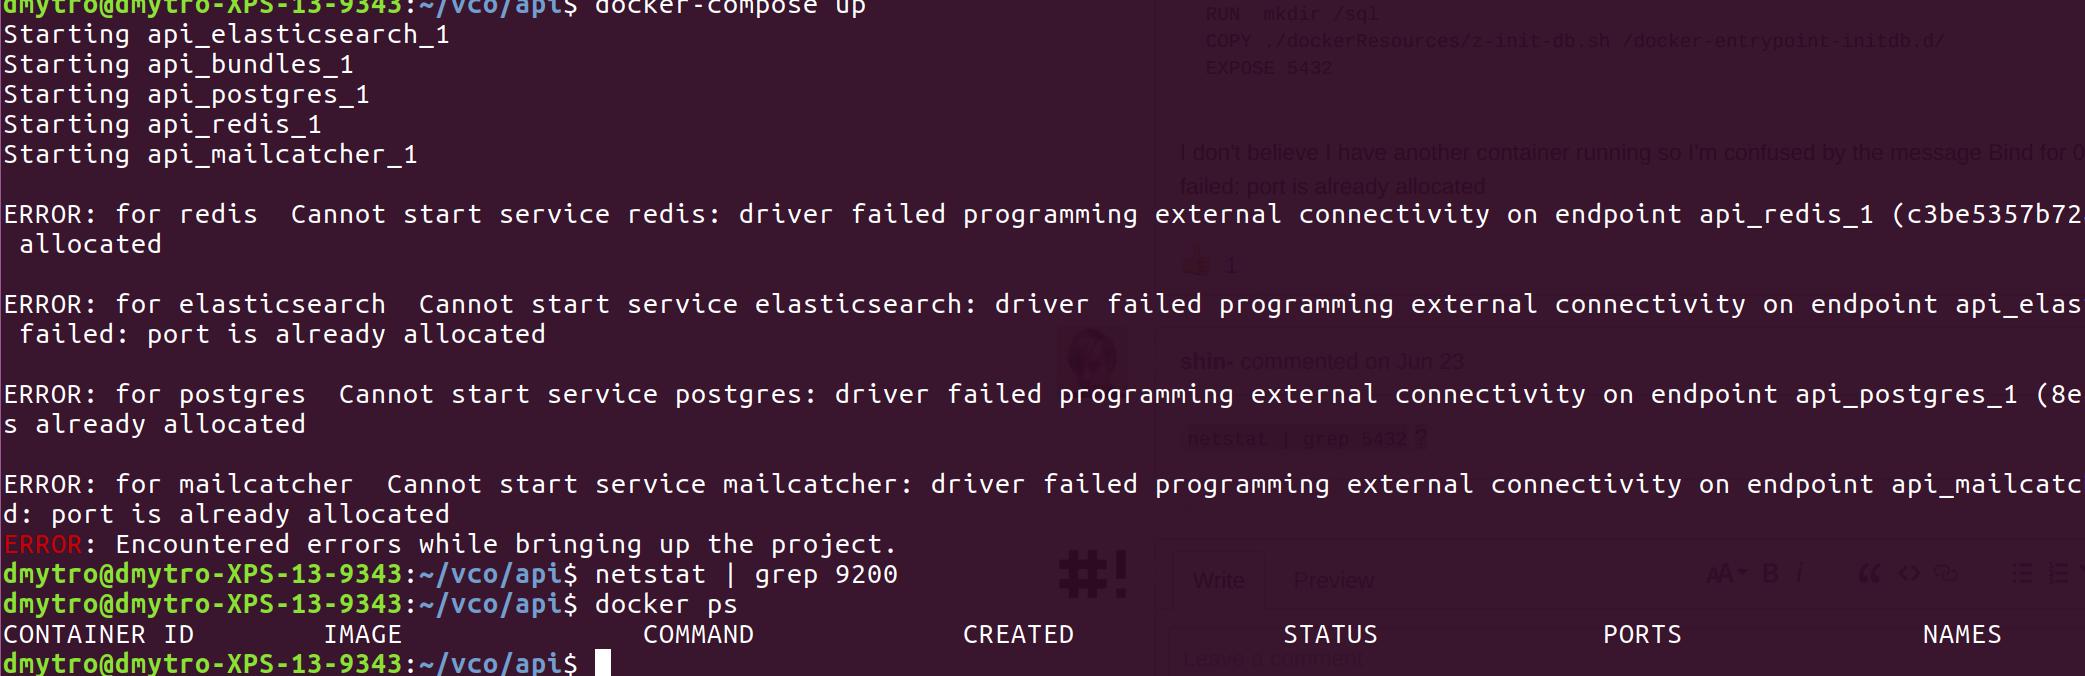 Docker-compose up failing because